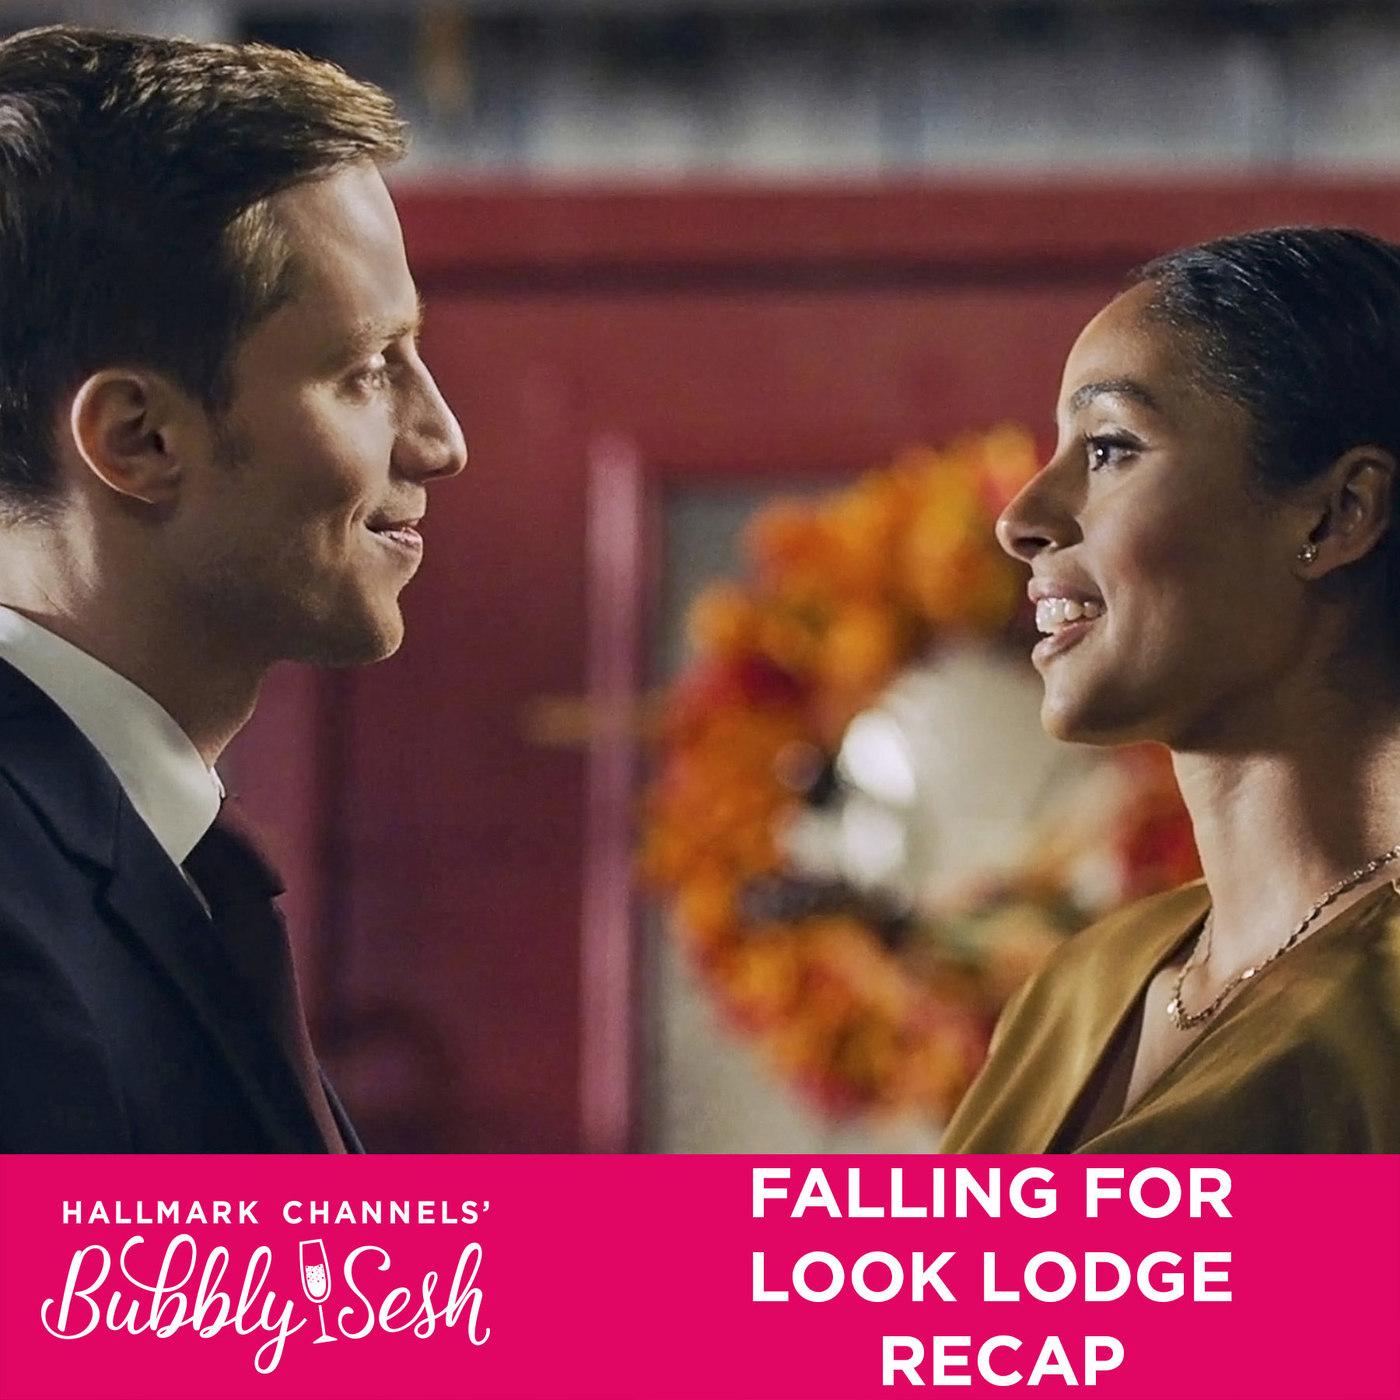 Falling for Look Lodge Recap